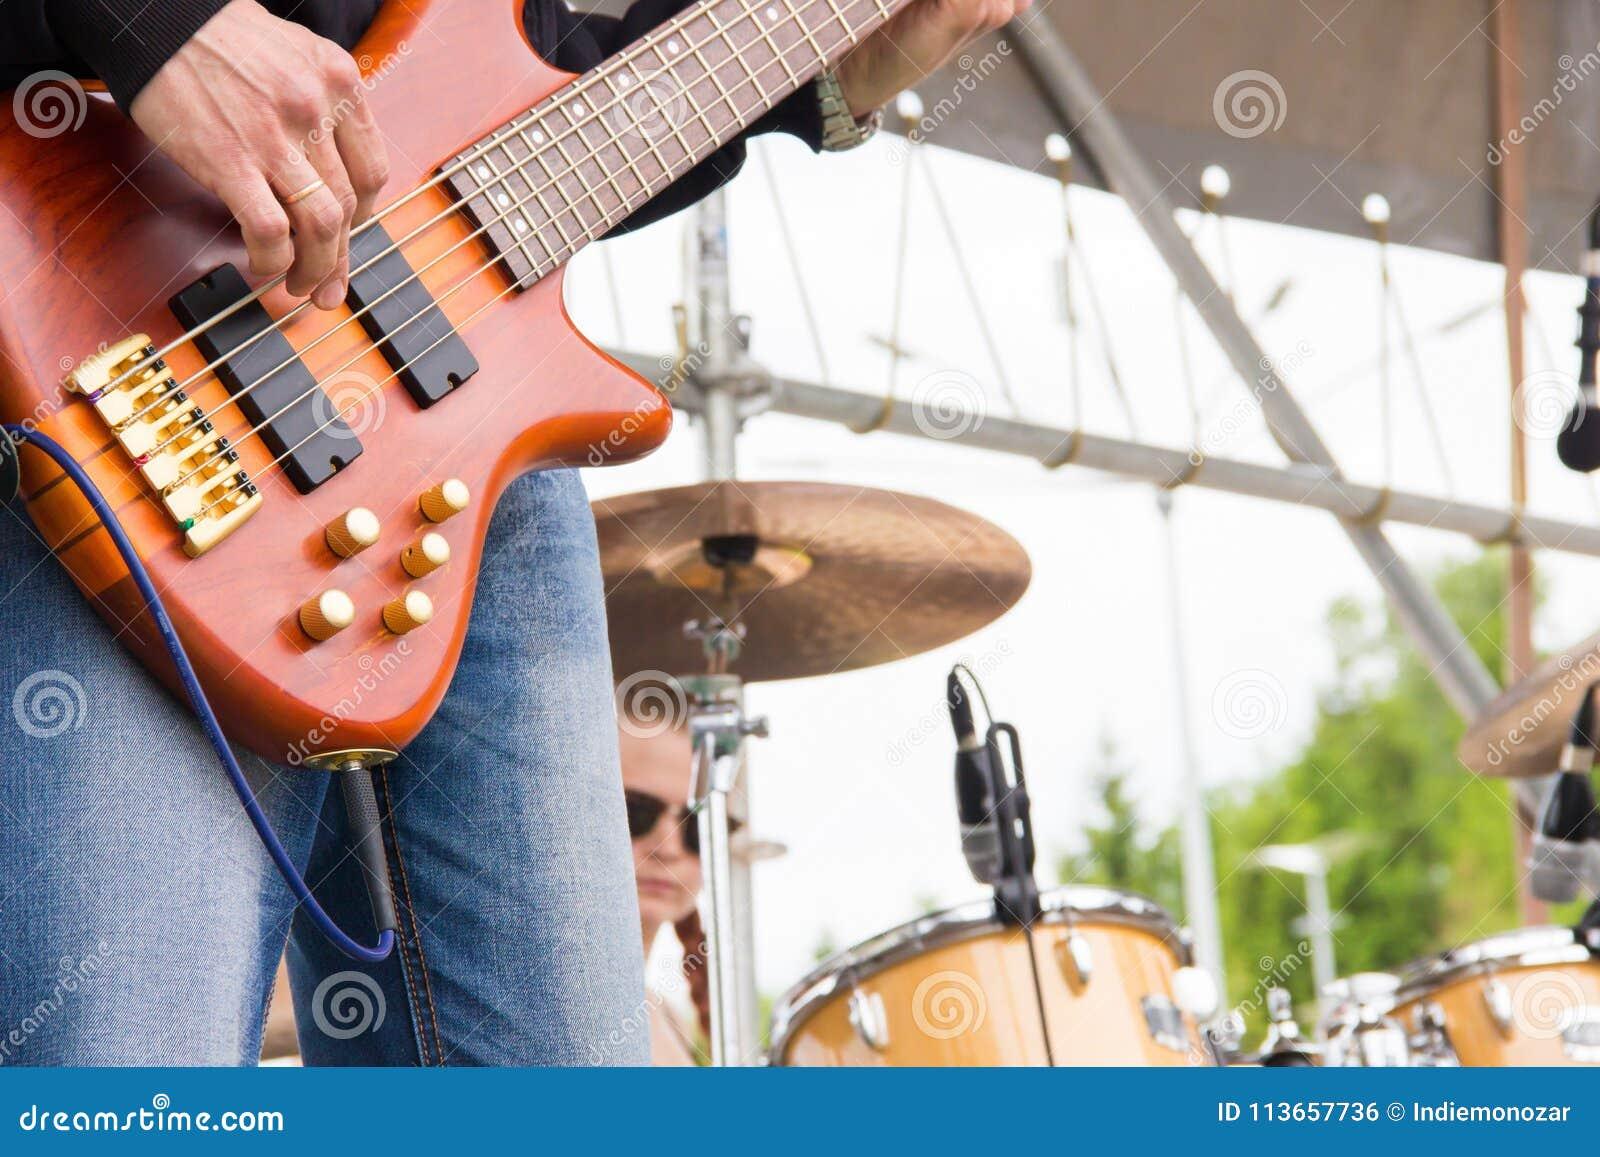 在一个露天节日的音乐带perfom 使用低音吉他弹奏者的人紧密,模糊的鼓